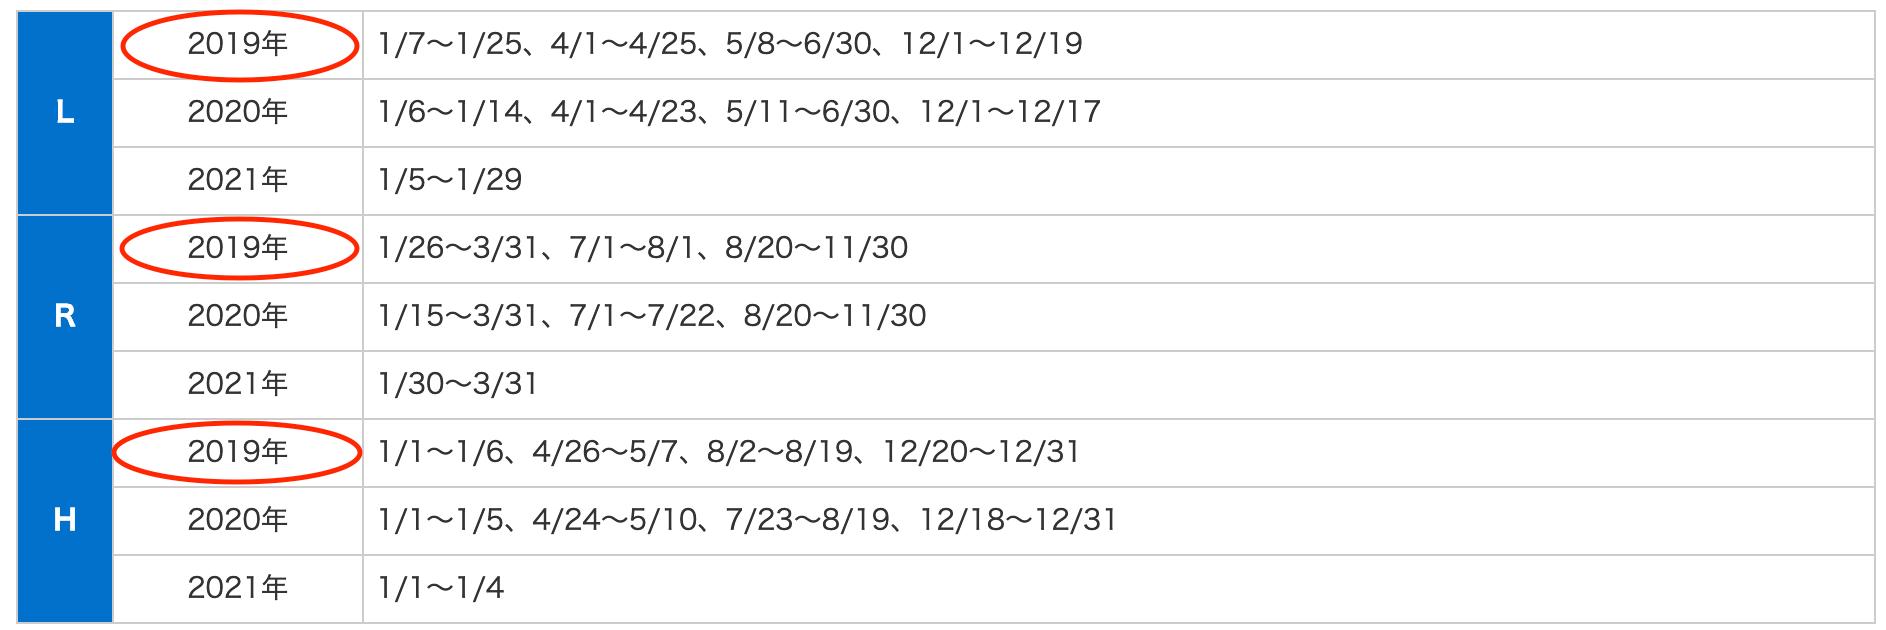 国際線特典航空券シーズン表